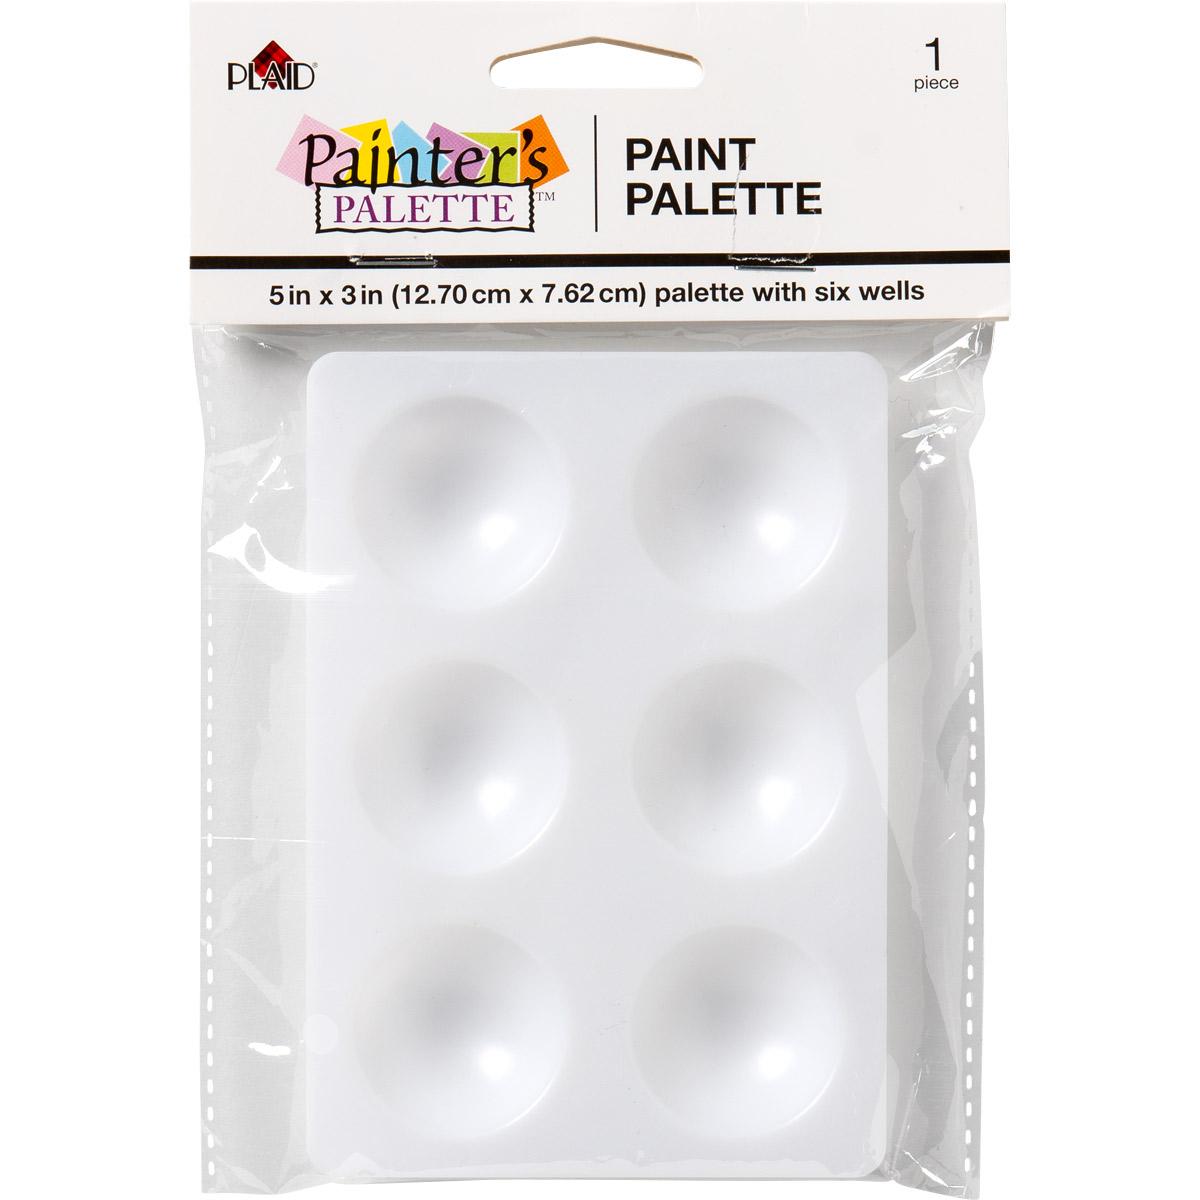 Plaid ® Painter's Palette™ Paint Palette